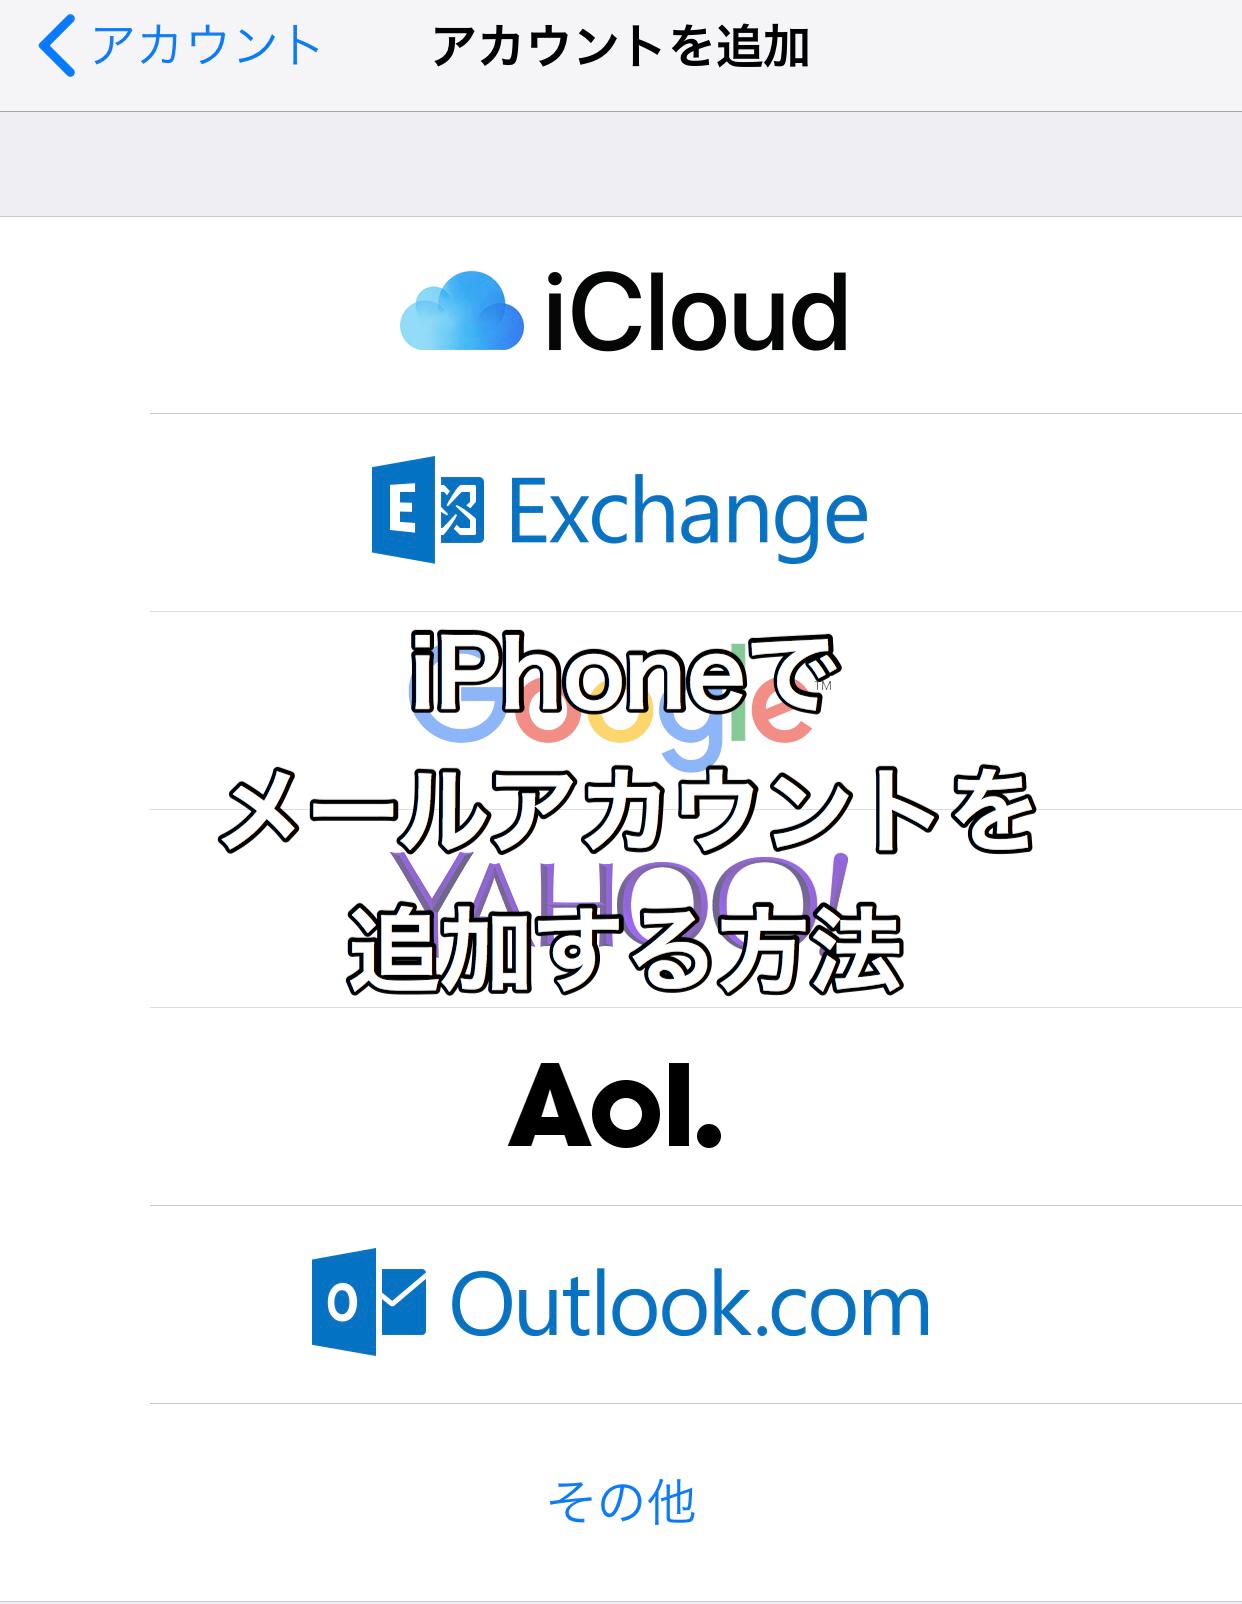 【iOS11版】iPhoneでメールアカウントを追加する方法